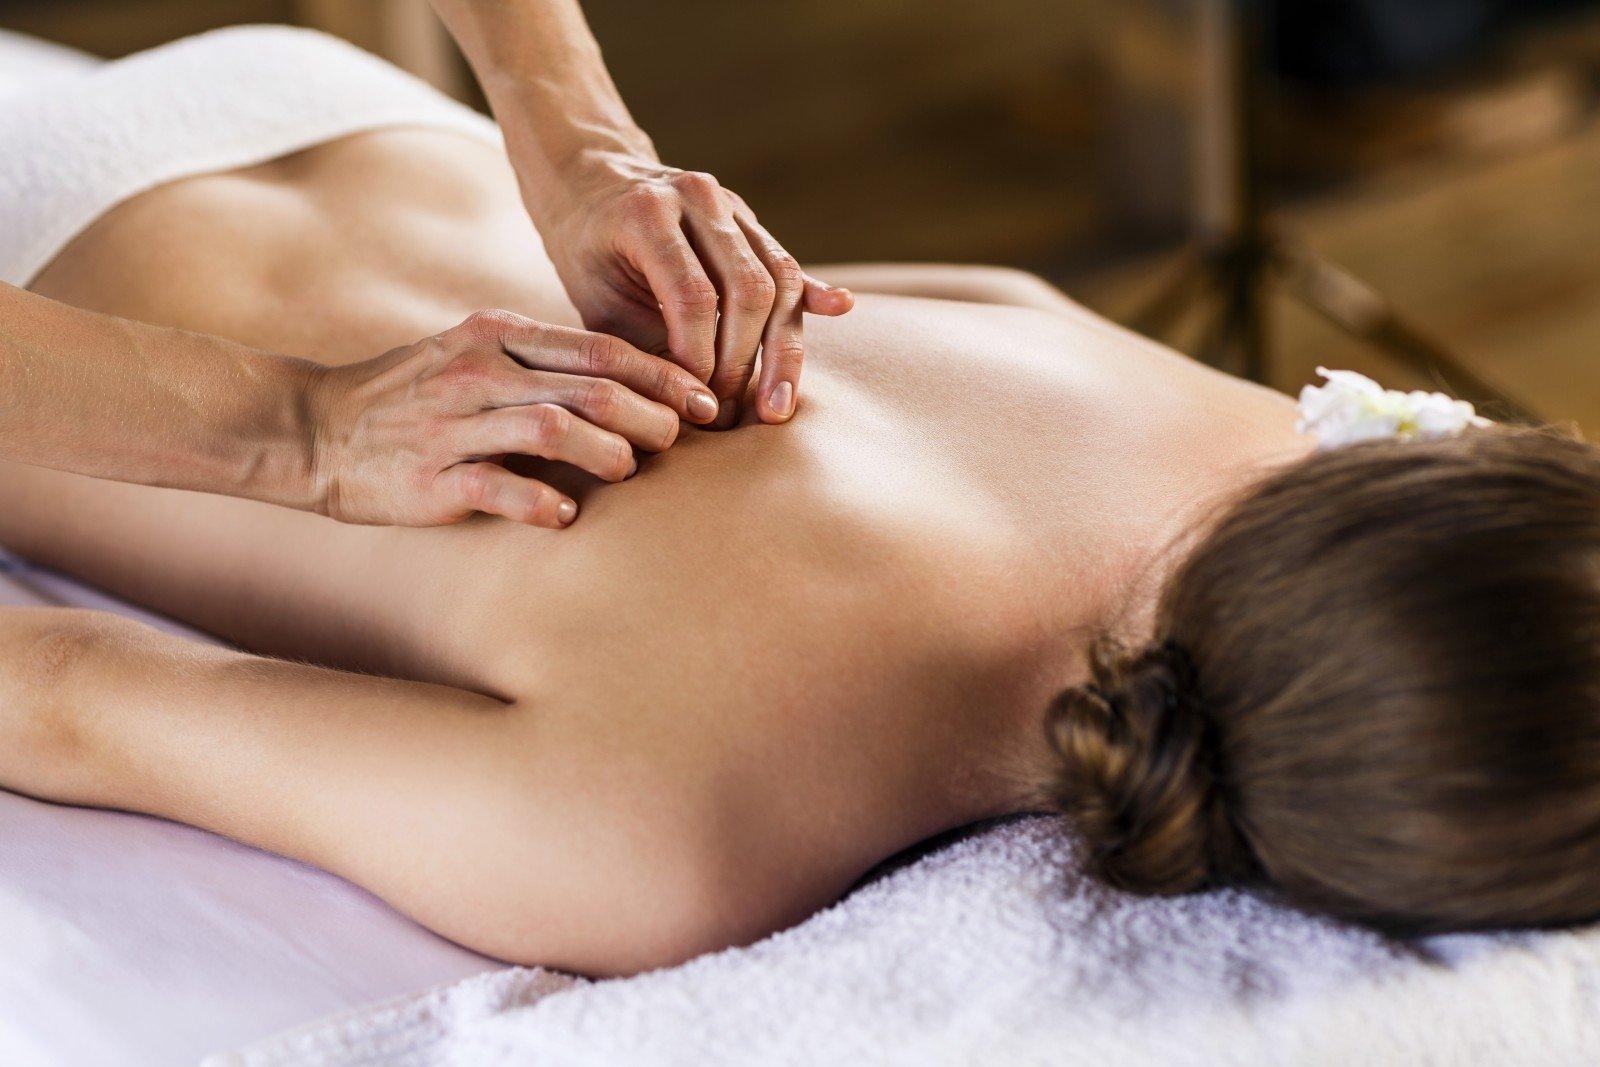 Padidinkite narius su masazu Kaip padidinti savo nari 1 diena